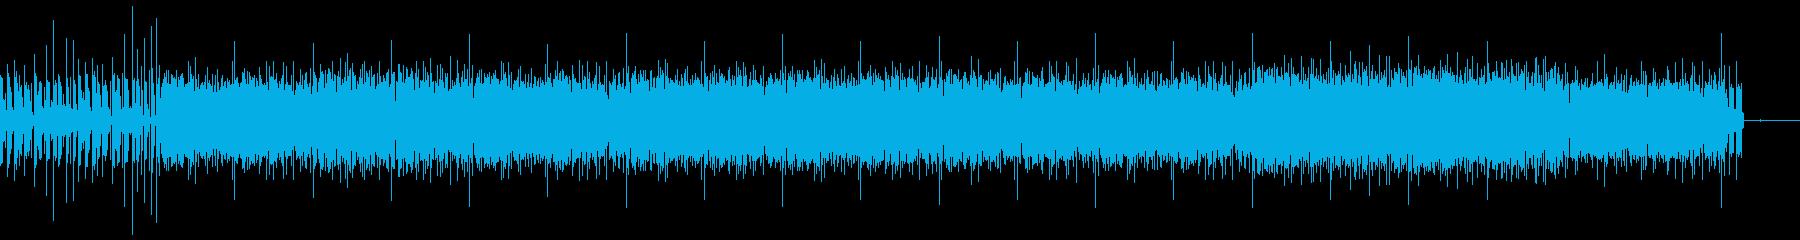 産業要素を備えた「機械」溝。 「S...の再生済みの波形